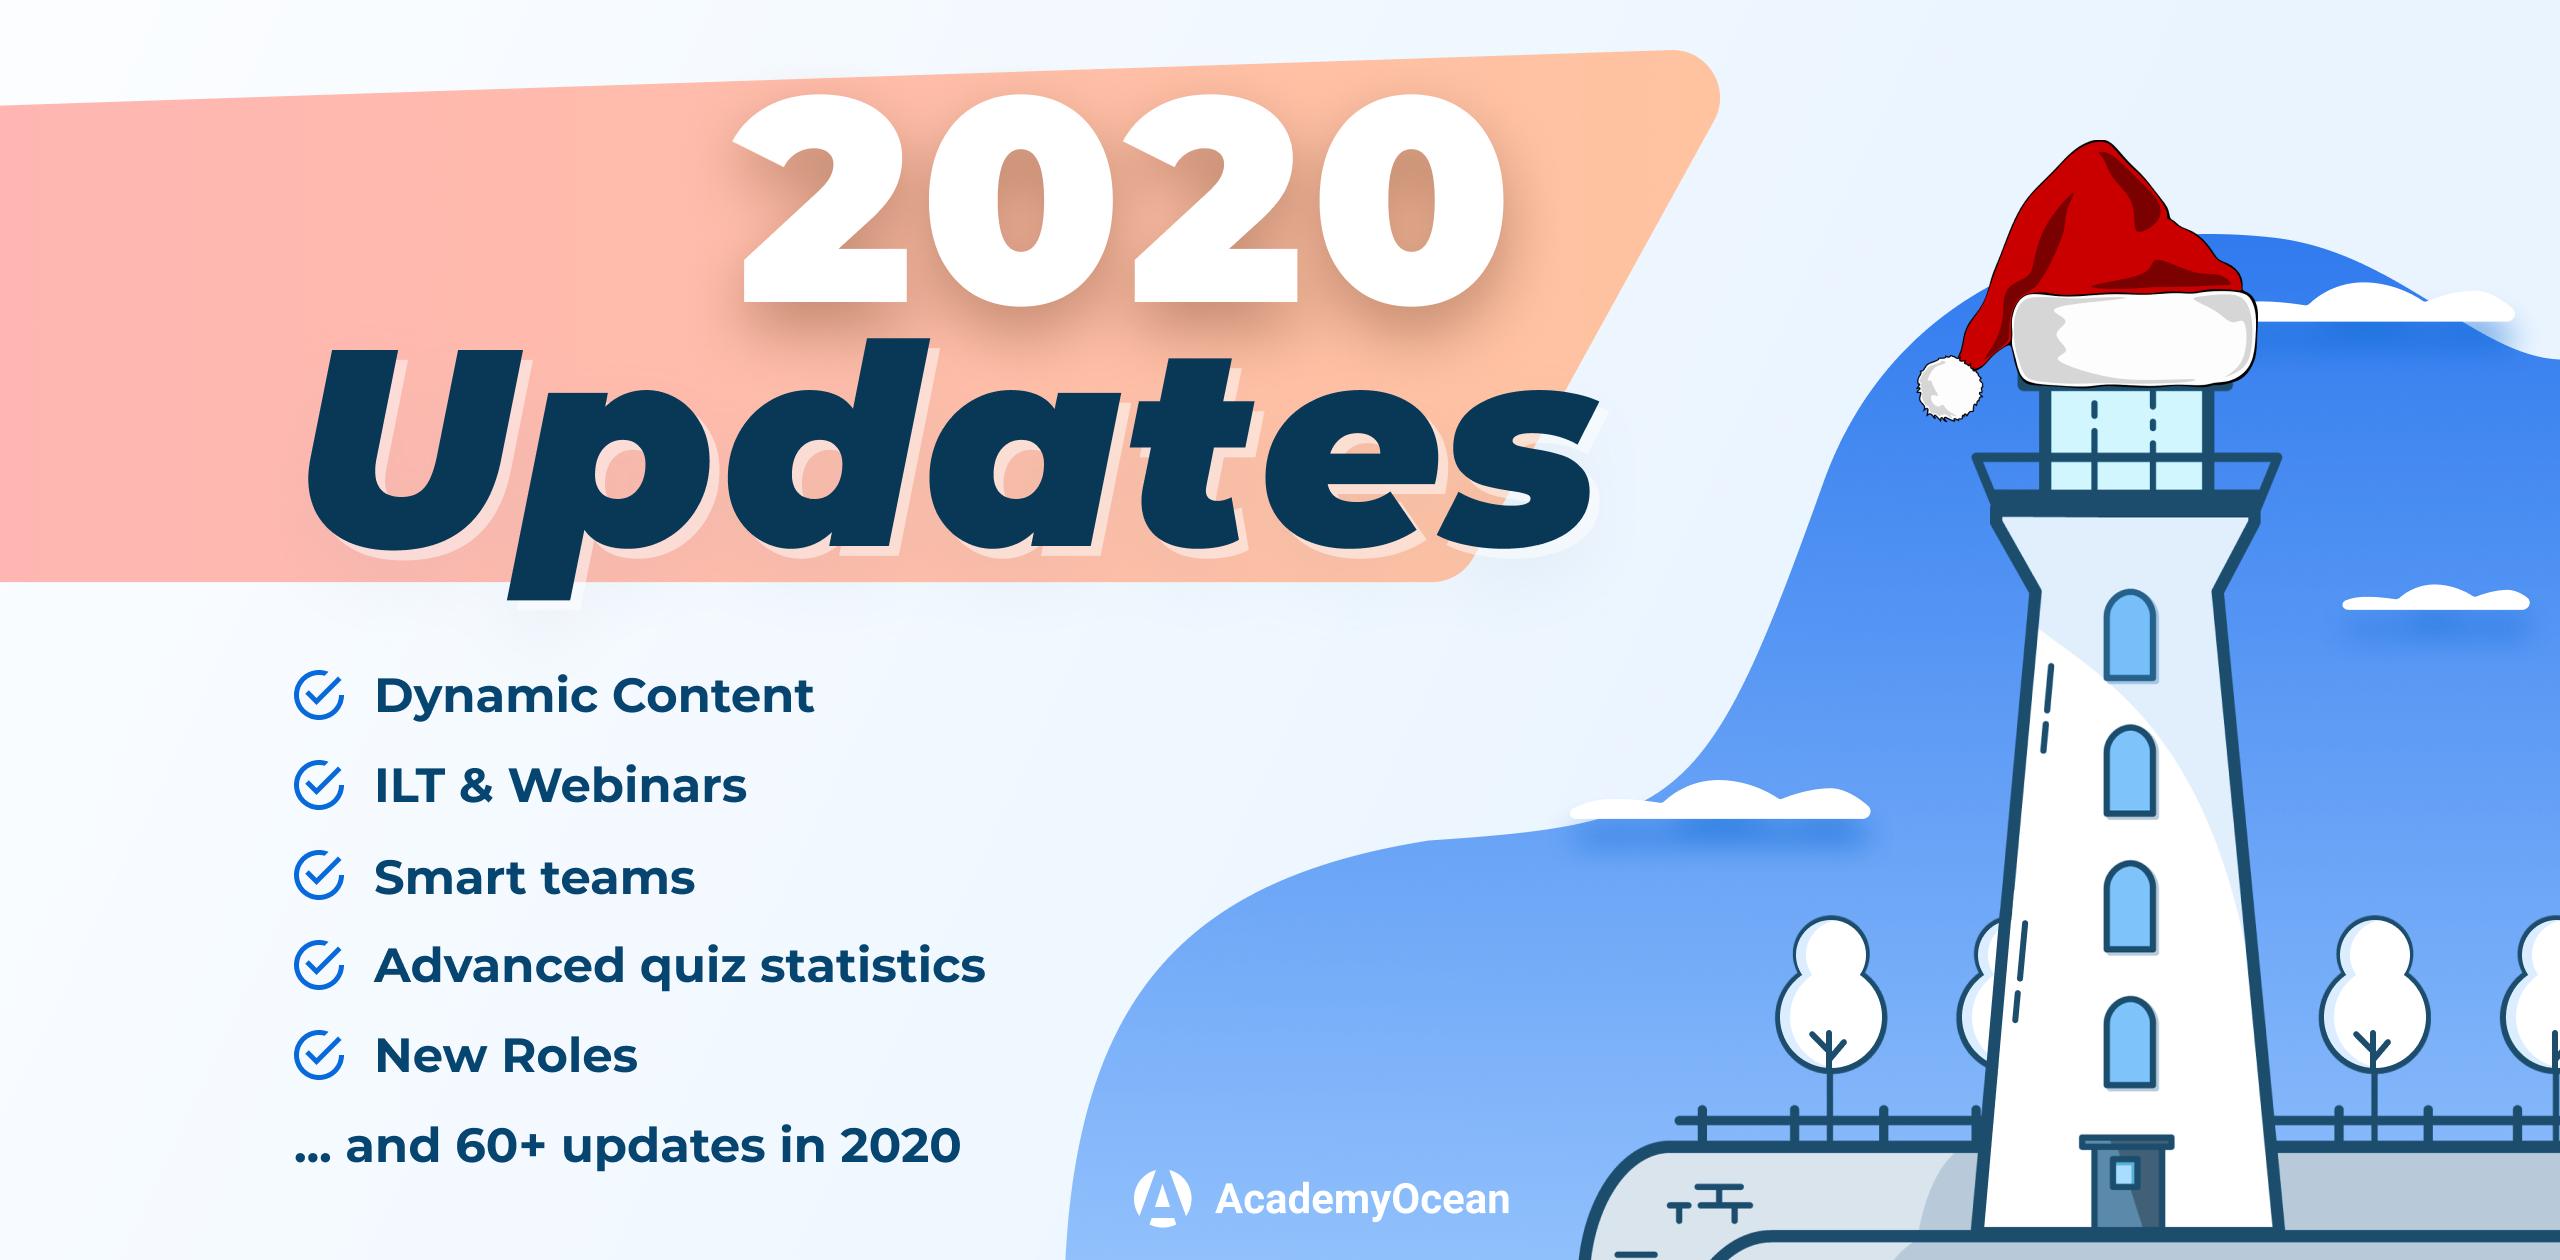 AcademyOcean 2020 Update